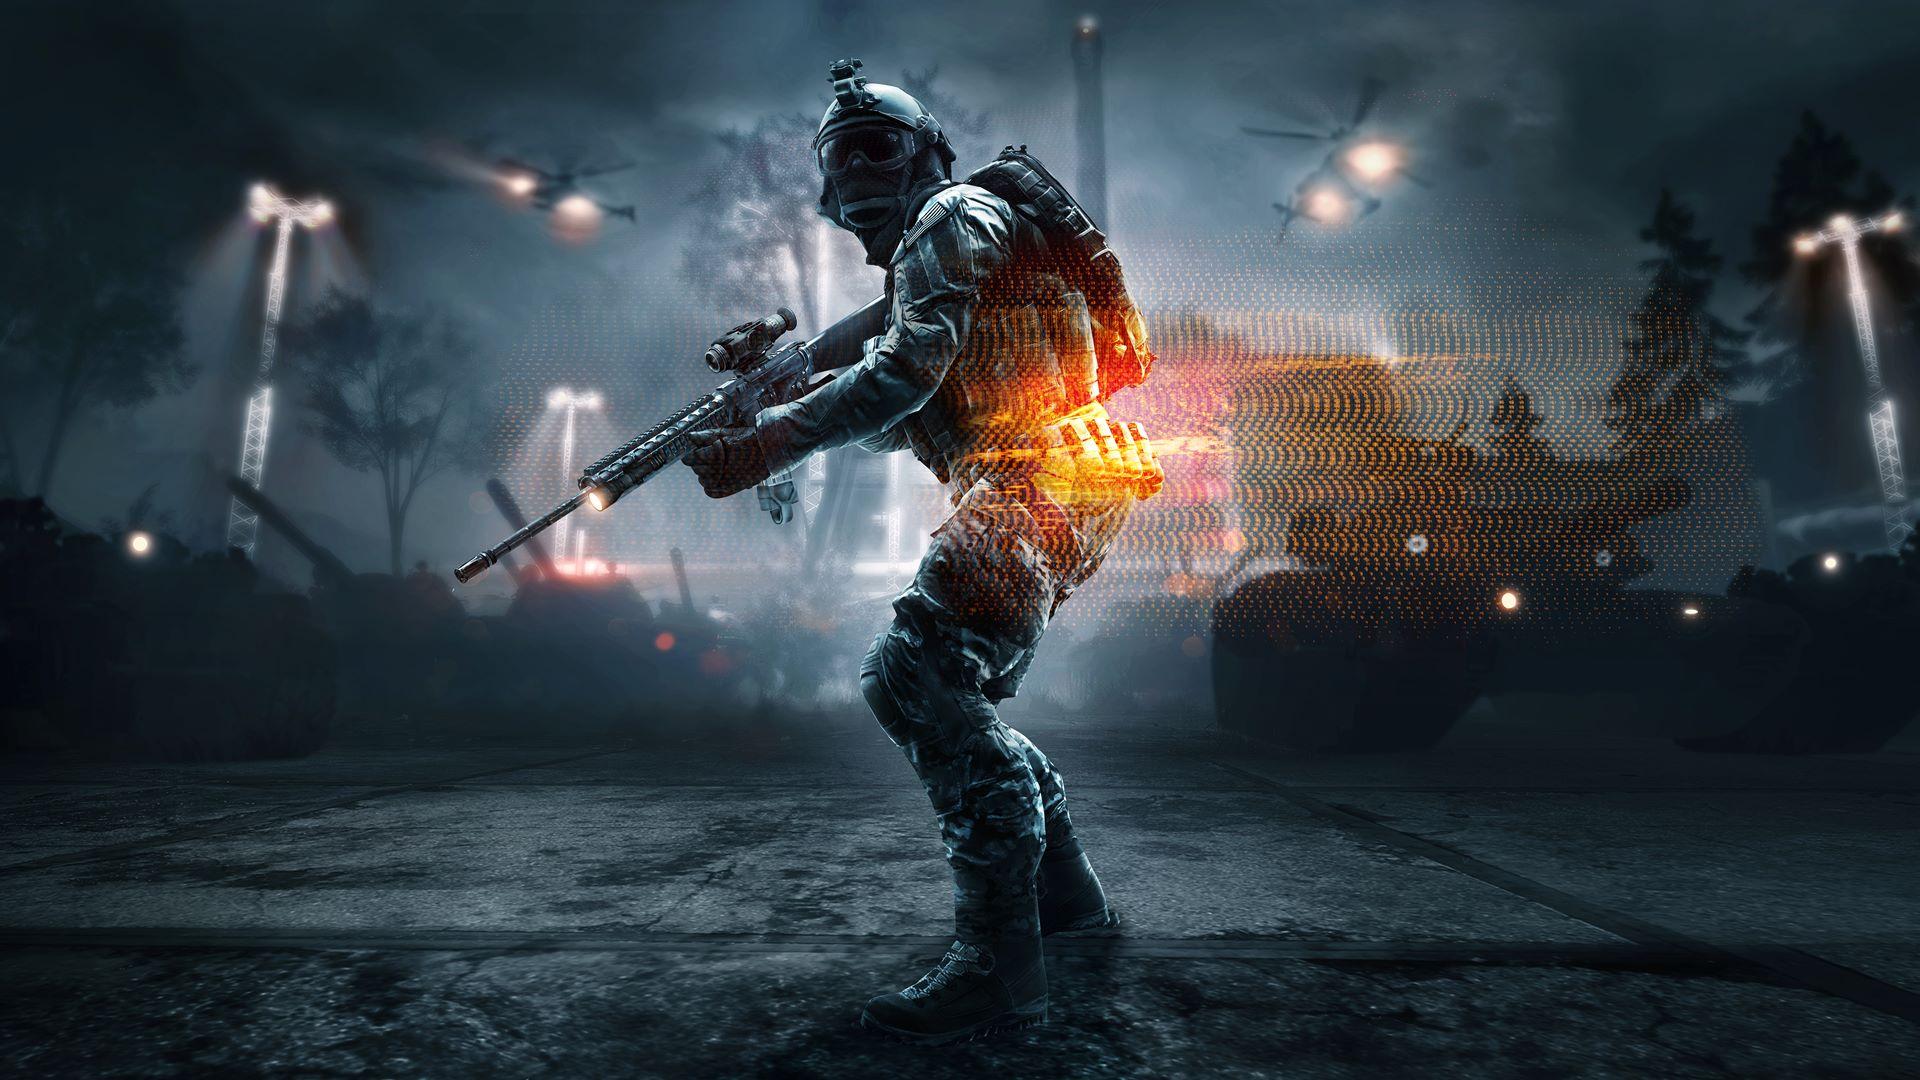 battlefield 4 download size